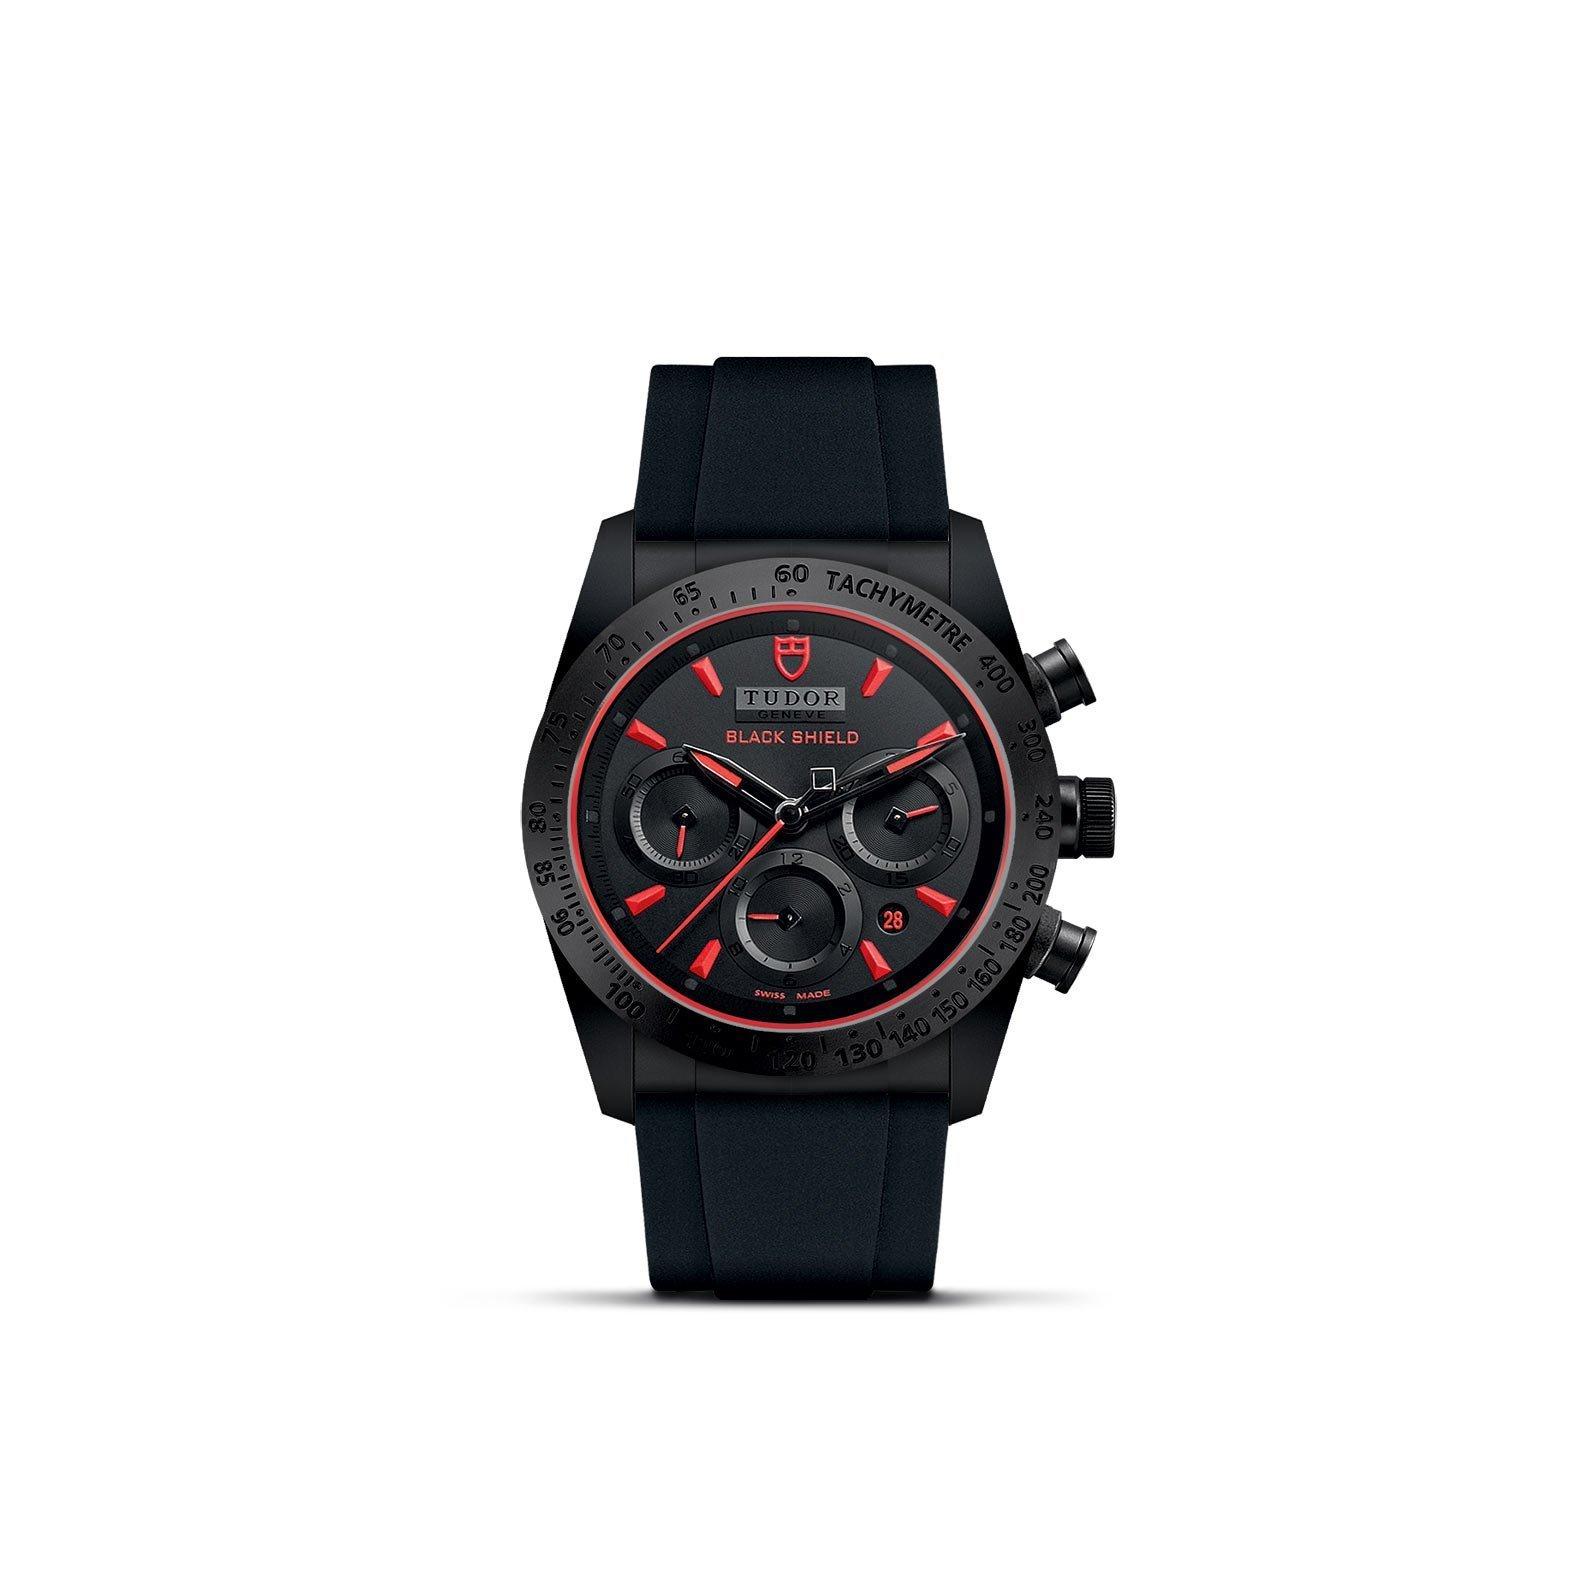 Montre TUDOR Fastrider Black Shield boîtier en céramique, 42mm, bracelet en caoutchouc noir vue 1